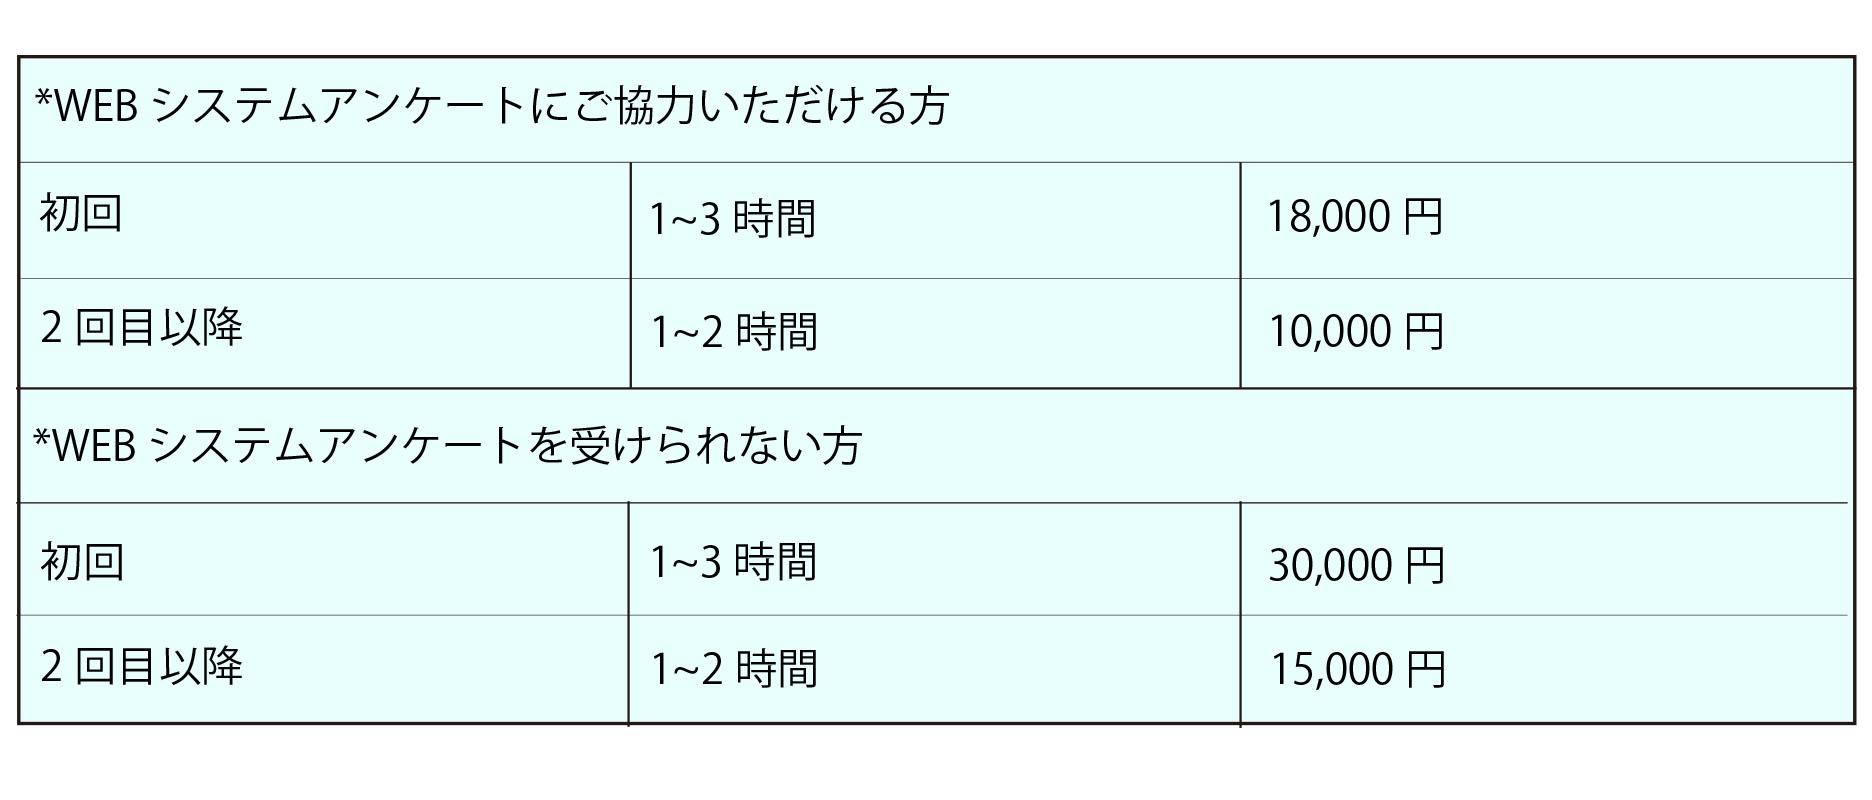 料金表図1